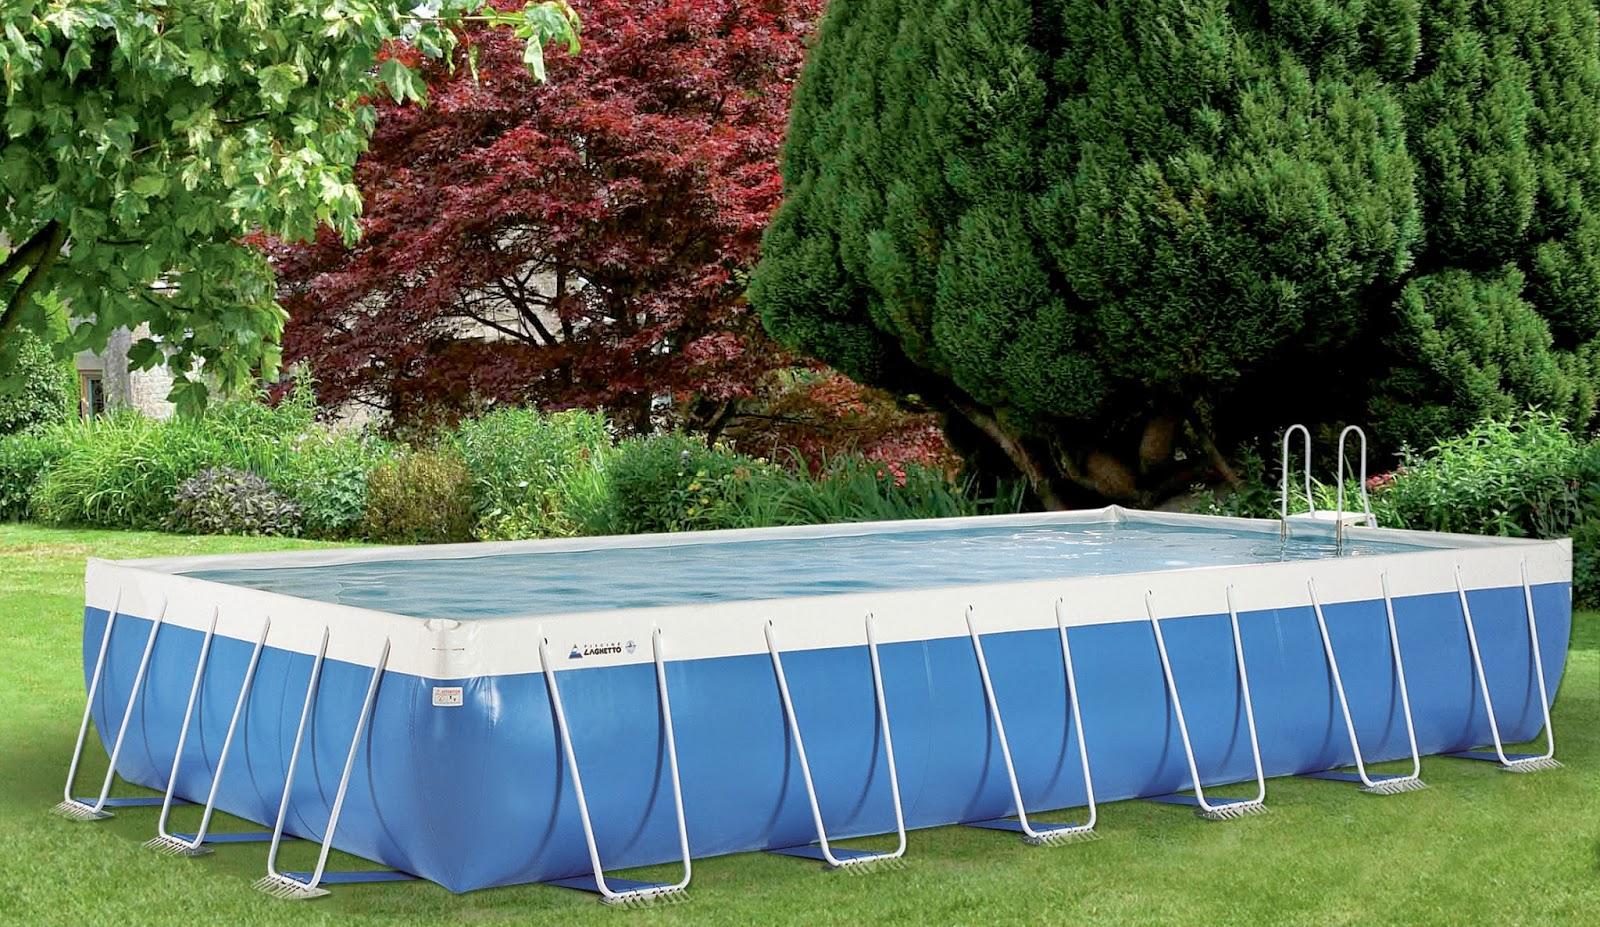 Piscine laghetto raddoppia le promozioni piscine - Rivenditori piscine fuori terra ...